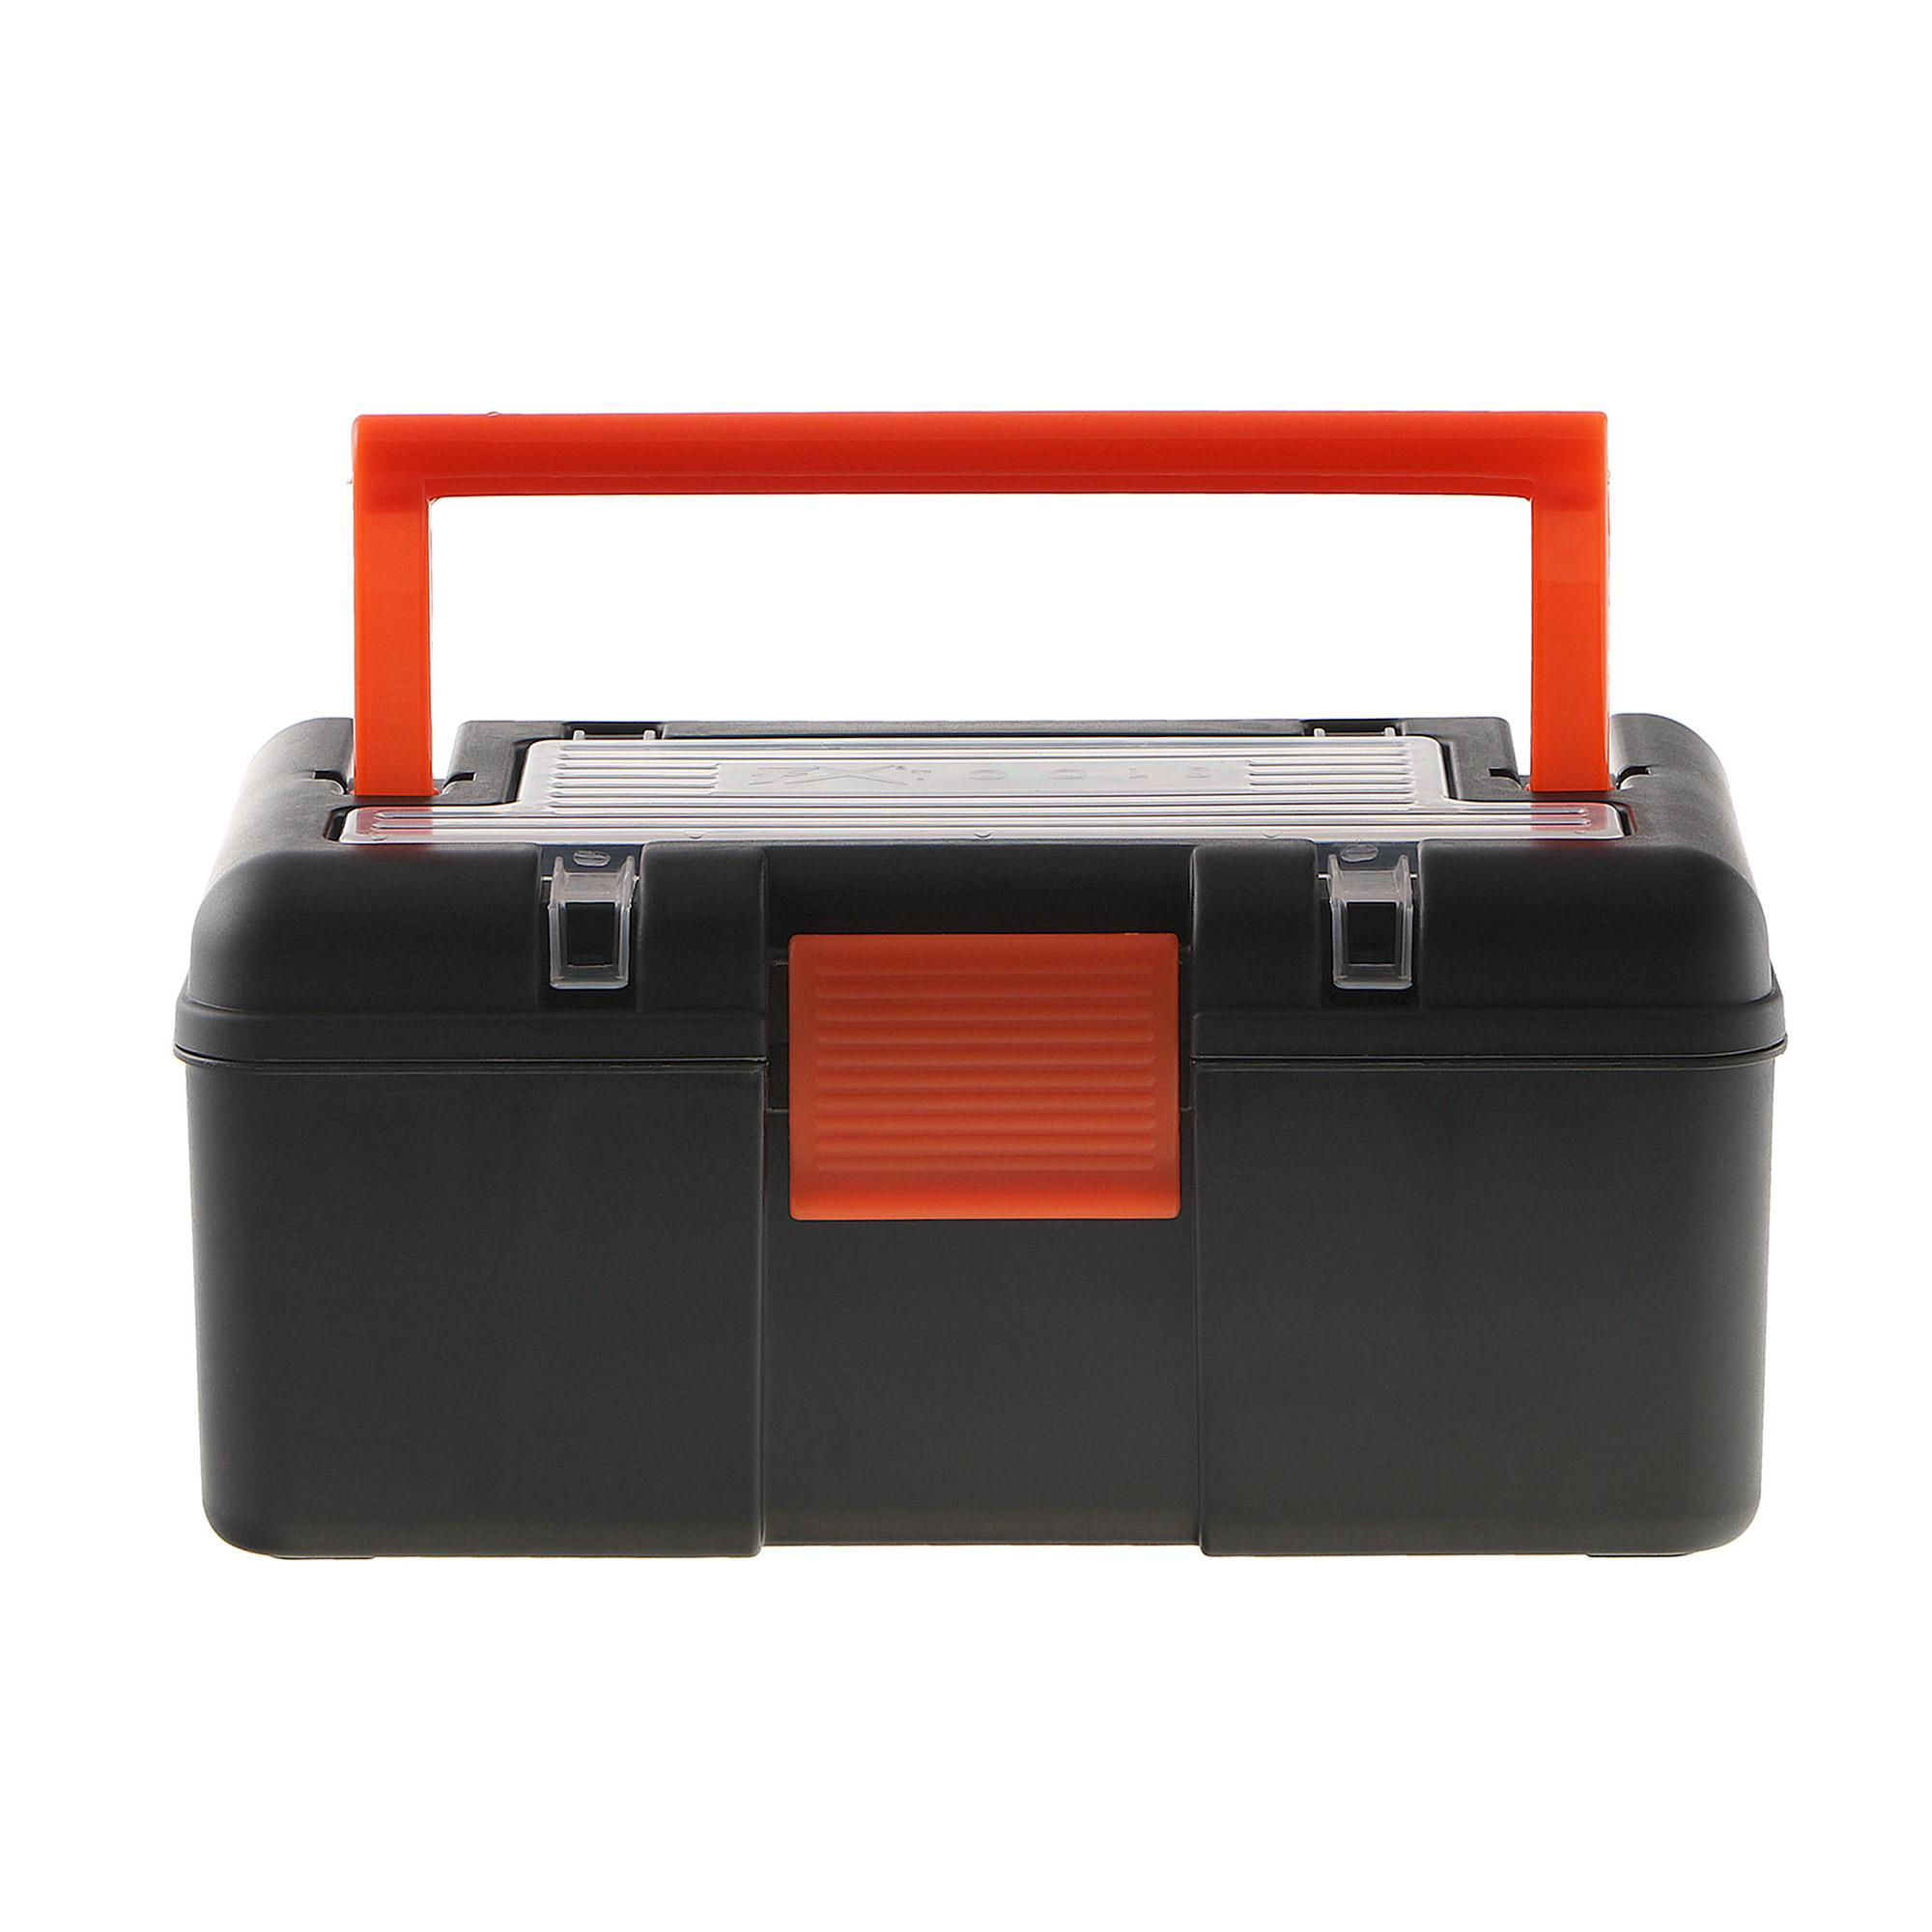 Ящик для инструментов Koopman 25x15x11cm ящик для инструментов matrix 28 4х16х78см 906055